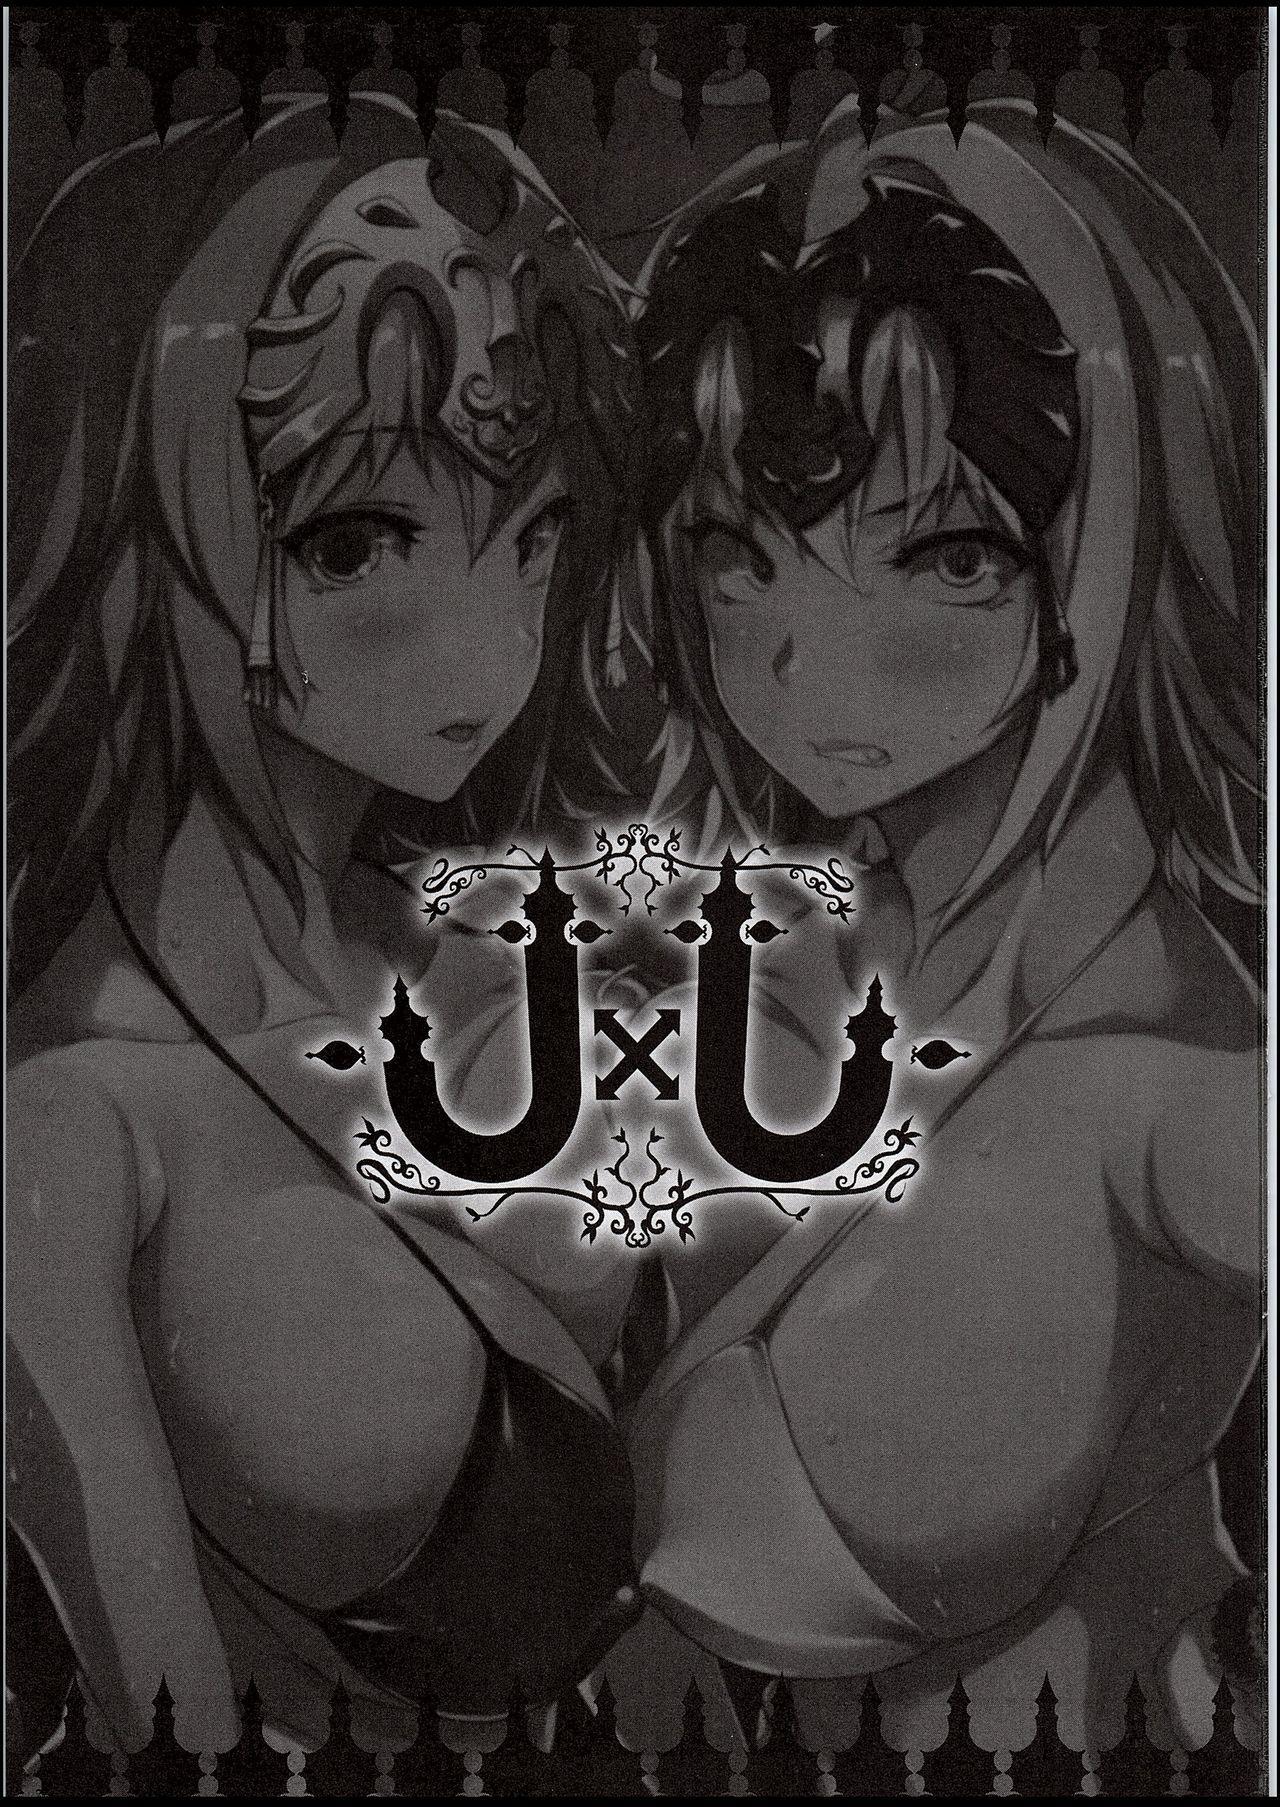 JxJ 1